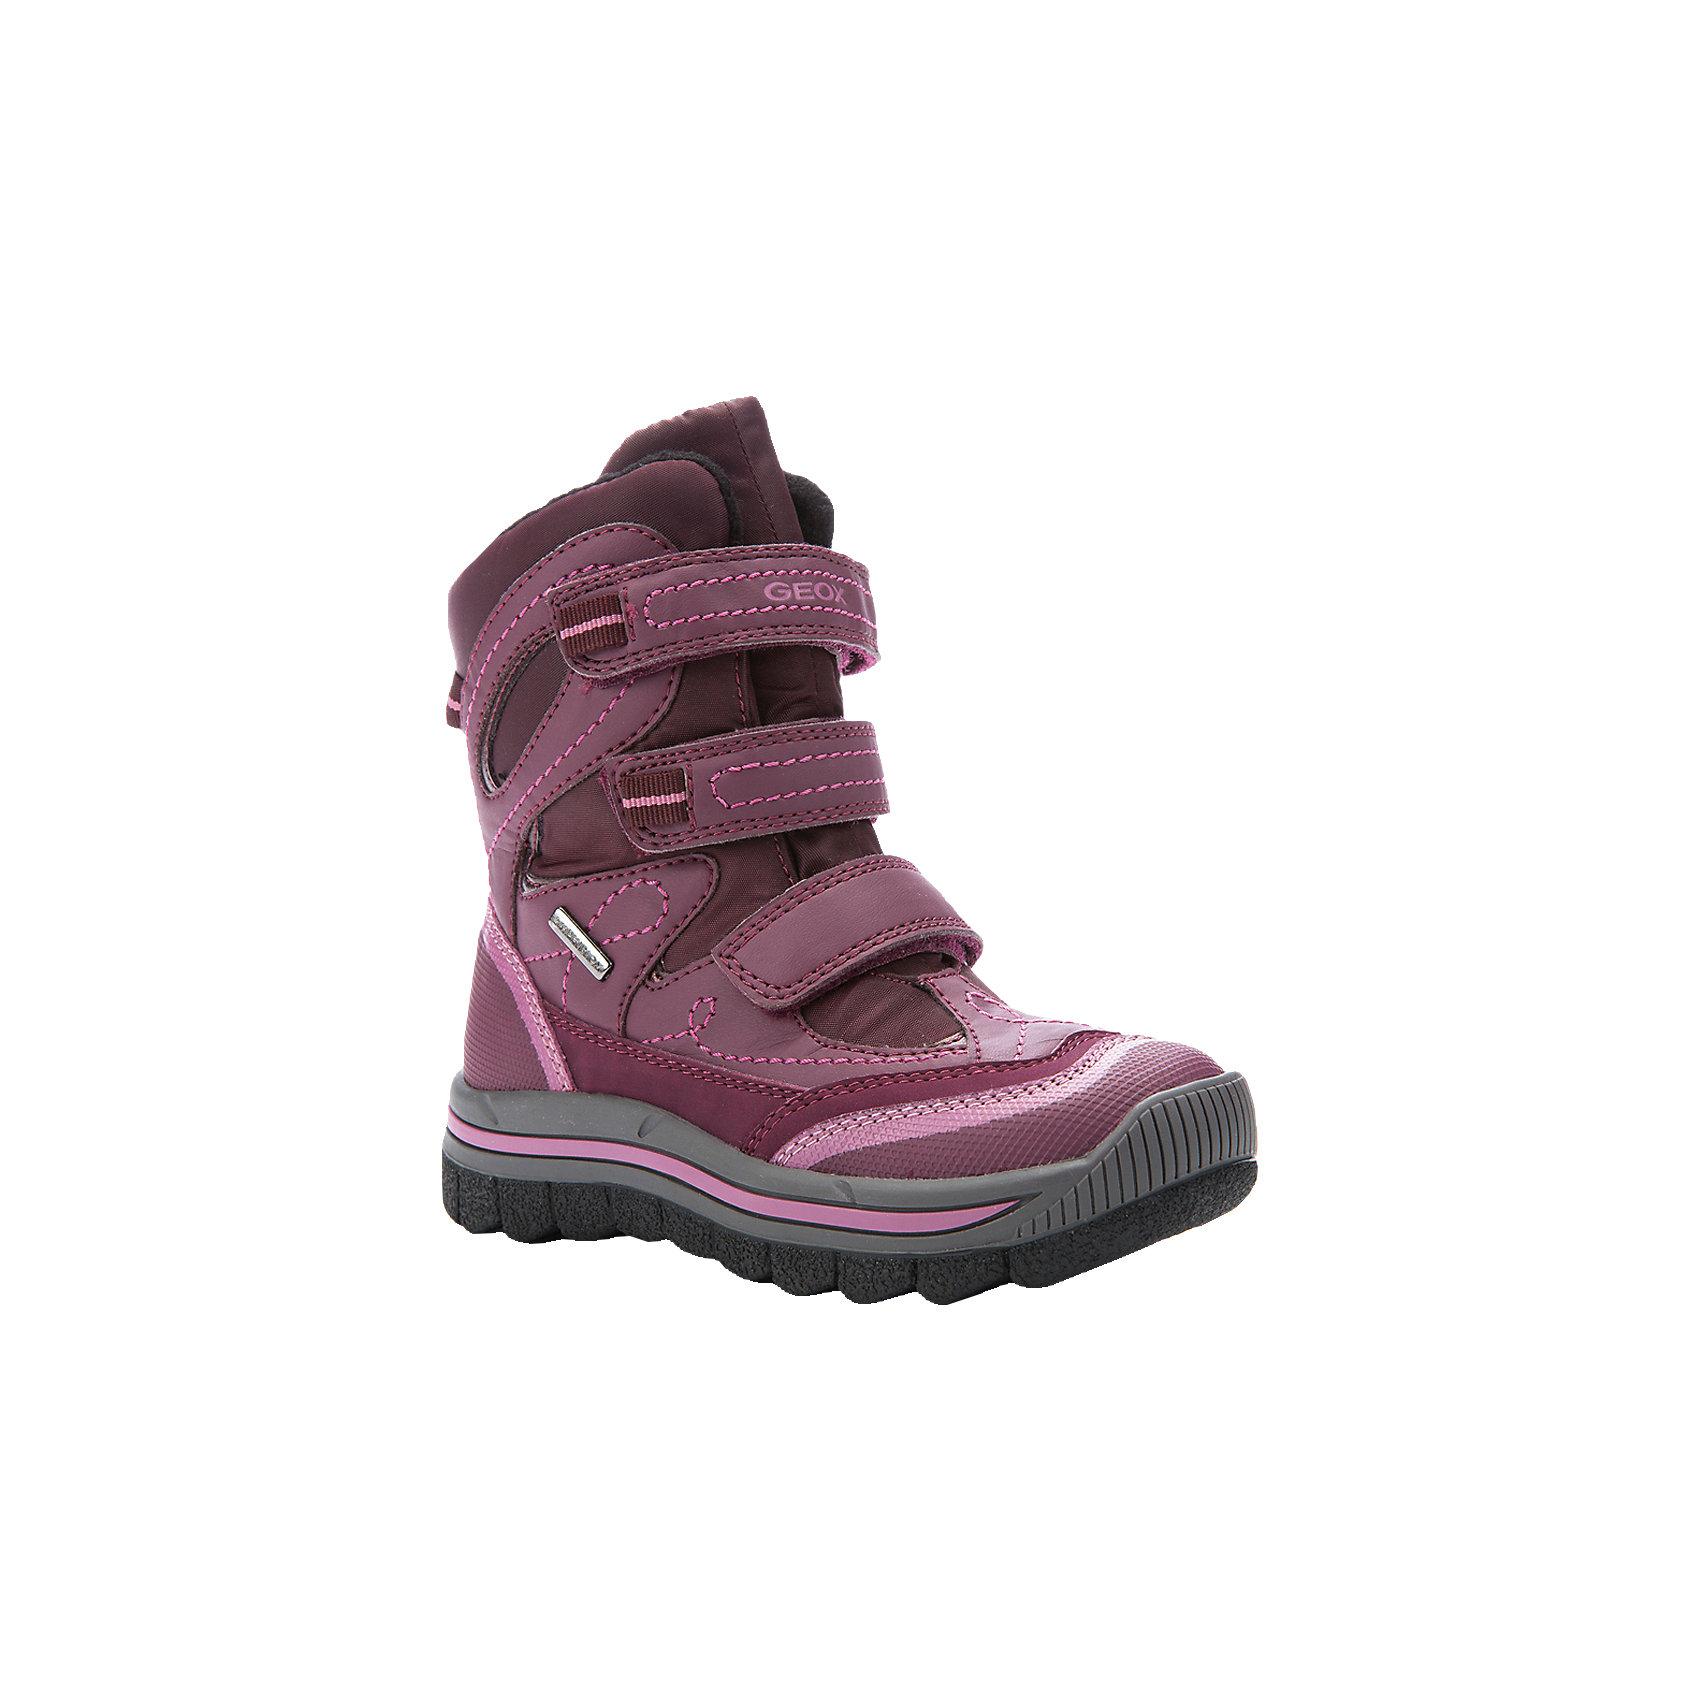 Полусапожки для девочки GEOXПолусапожки для девочки от популярной марки GEOX.<br>Модные и удобные полусапожки фиолетового цвета сделаны по уникальной технологии. Производитель обуви GEOX разработал специальную дышащую подошву, которая не пропускает влагу внутрь, а также высокотехнологичную стельку. При производстве этих полусапожек была задействована технология Amphibiox, делающая обувь непромокаемой. <br>Отличительные особенности модели:<br>- гибкая водоотталкивающая подошва с дышащей мембраной;<br>- утепленная стелька;<br>- мягкий и легкий верх;<br>- защита пятки и пальцев;<br>- эргономичная форма;<br>- удобная застежка-липучка;<br>- комфортное облегание;<br>- ударопрочная антибактериальная стелька;<br>- защита от промокания - технология Amphibiox;<br>- верх обуви и подкладка сделаны без использования хрома.<br>Дополнительная информация:<br>- Температурный режим: от - 20° С  до + 5° С.<br>- Состав:<br>материал верха: синтетический материал, текстиль<br>материал подкладки: текстиль<br>подошва: полимер.<br>Полусапожки для девочки GEOX (Геокс) можно купить в нашем магазине.<br><br>Ширина мм: 257<br>Глубина мм: 180<br>Высота мм: 130<br>Вес г: 420<br>Цвет: малиновый<br>Возраст от месяцев: 132<br>Возраст до месяцев: 144<br>Пол: Женский<br>Возраст: Детский<br>Размер: 35,33,31,28,34,36,30,29,32<br>SKU: 4178519